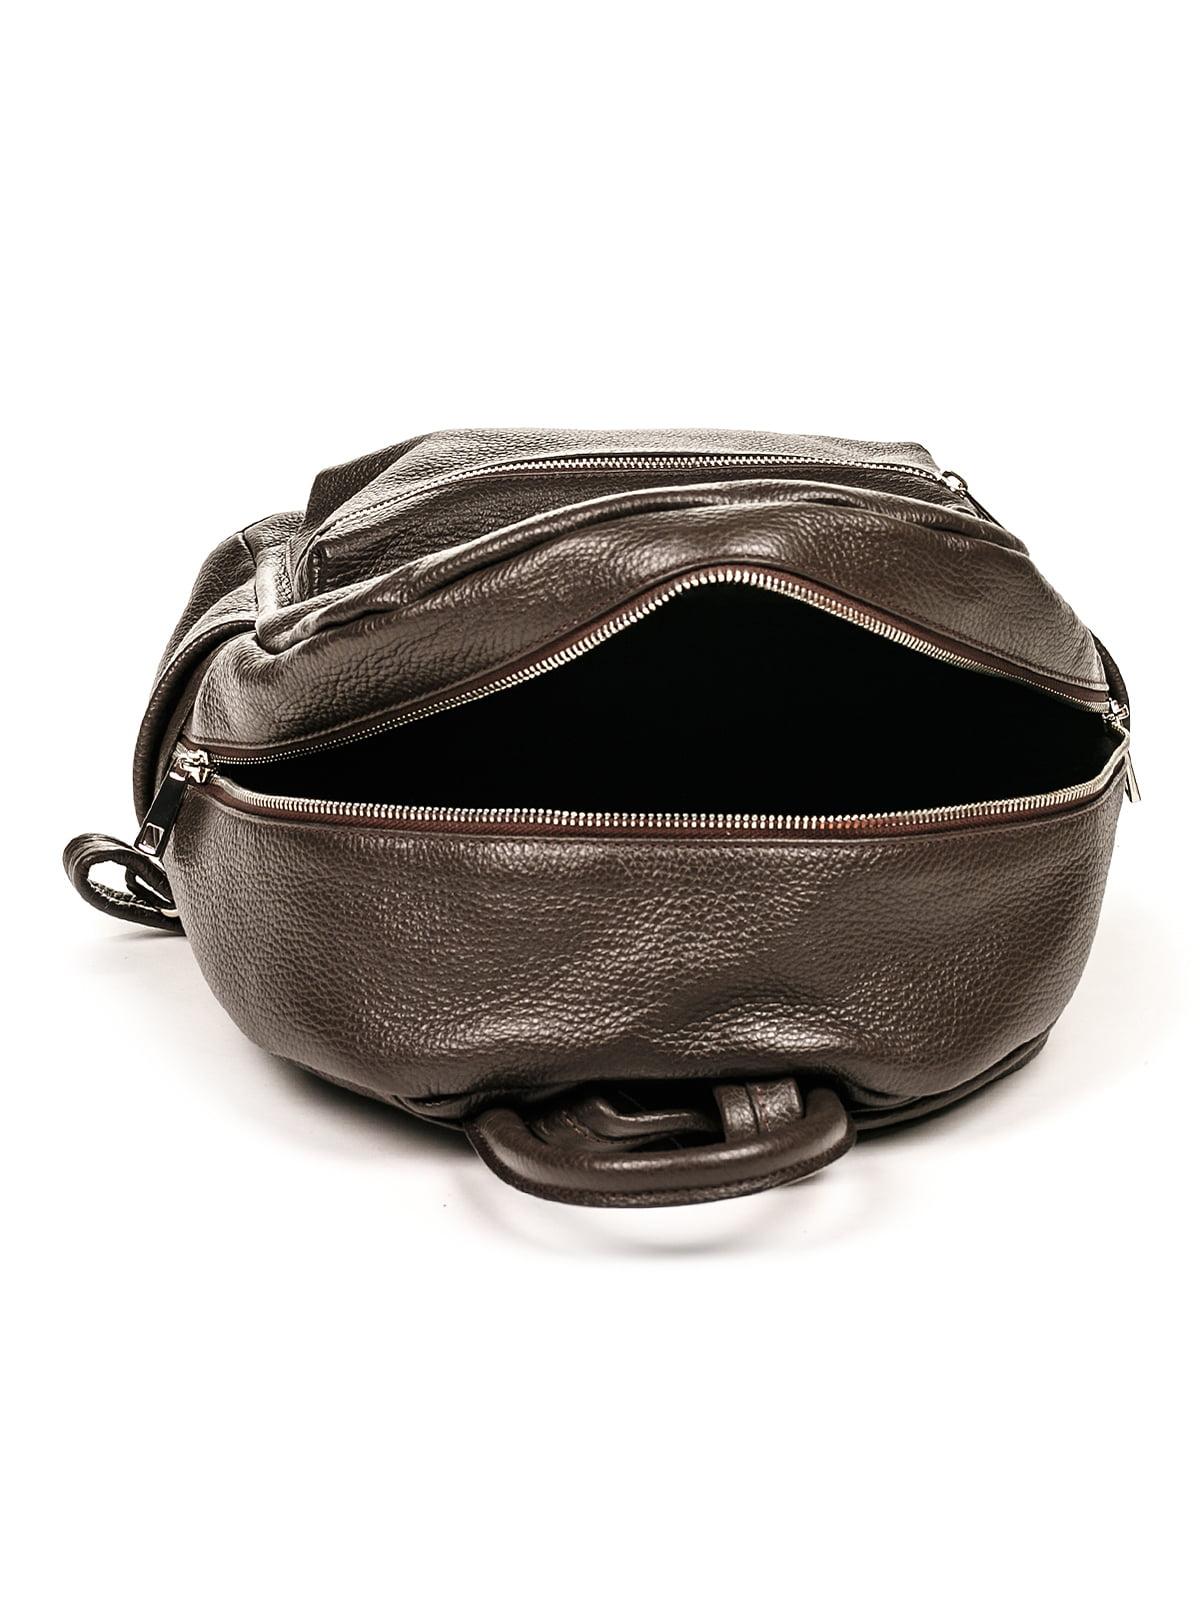 Рюкзак коричневий | 4979530 | фото 4